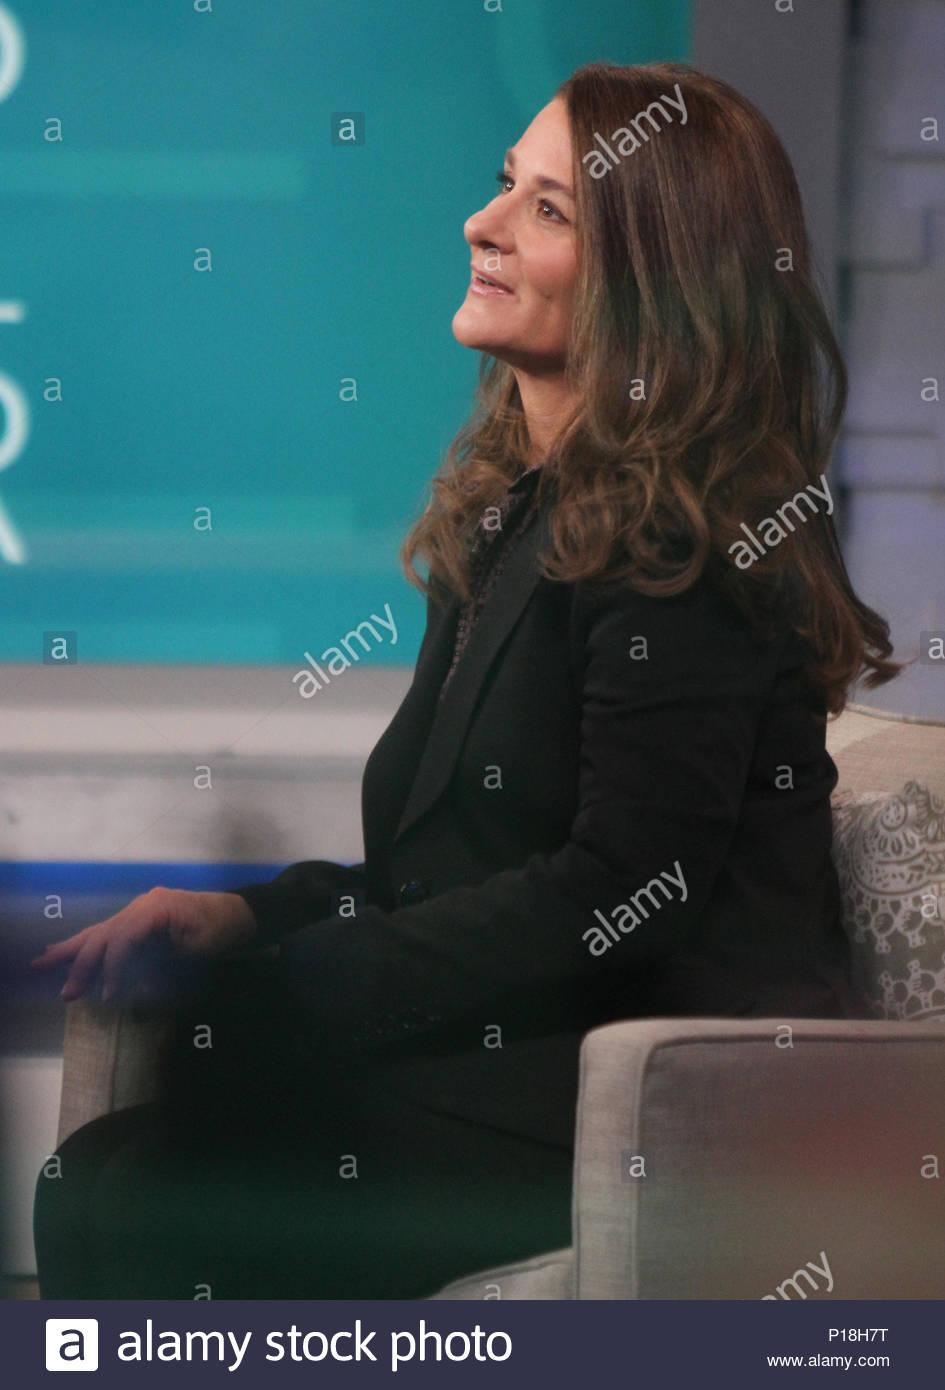 Melinda Gates Mandatory Byline To Read InfphotoCom OnlyBr